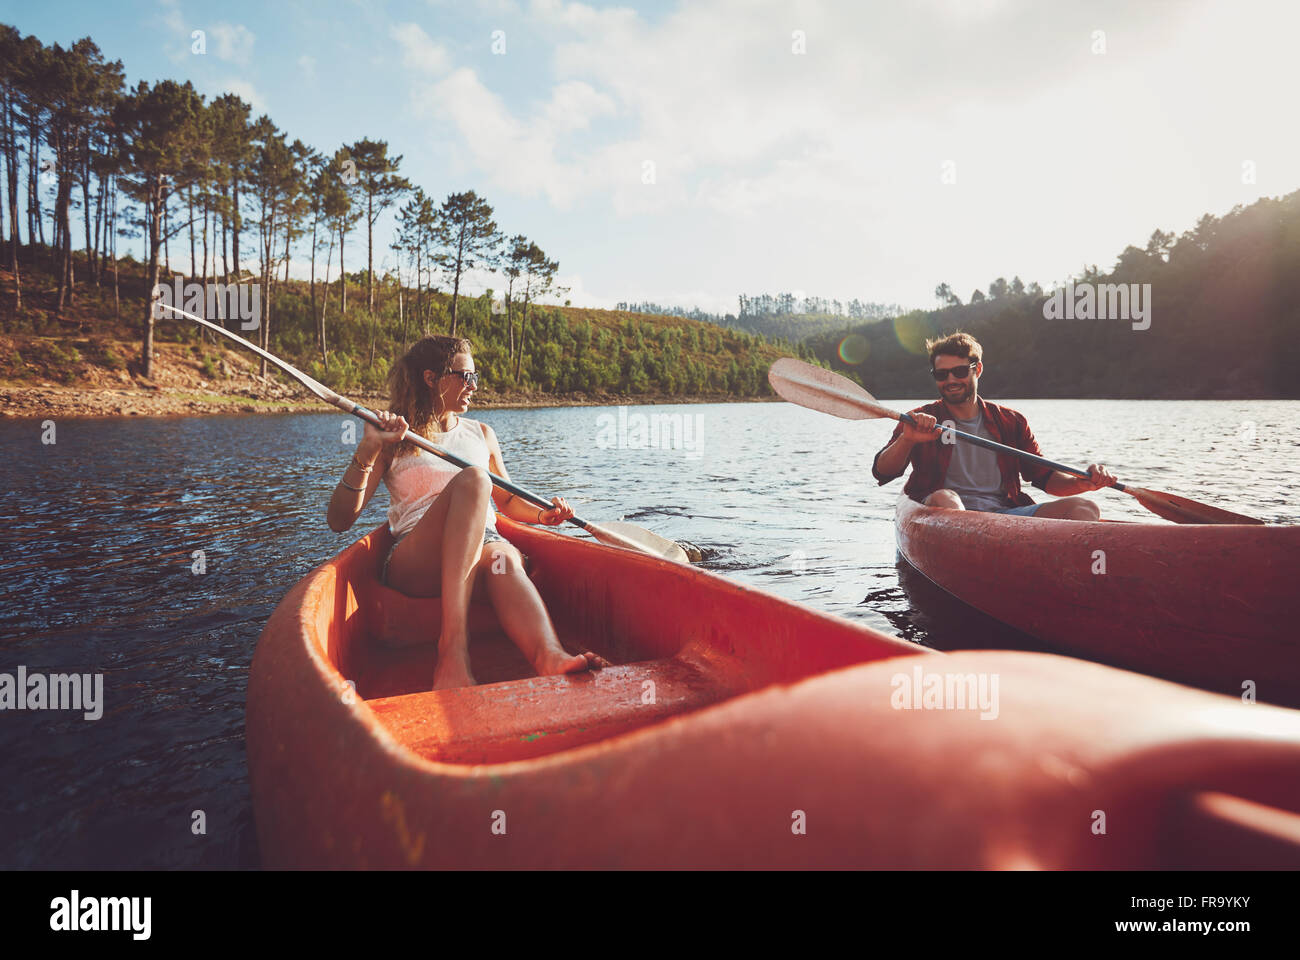 Pareja joven en kayak en un lago. Los jóvenes palistas de remo en el lago en verano. Imagen De Stock